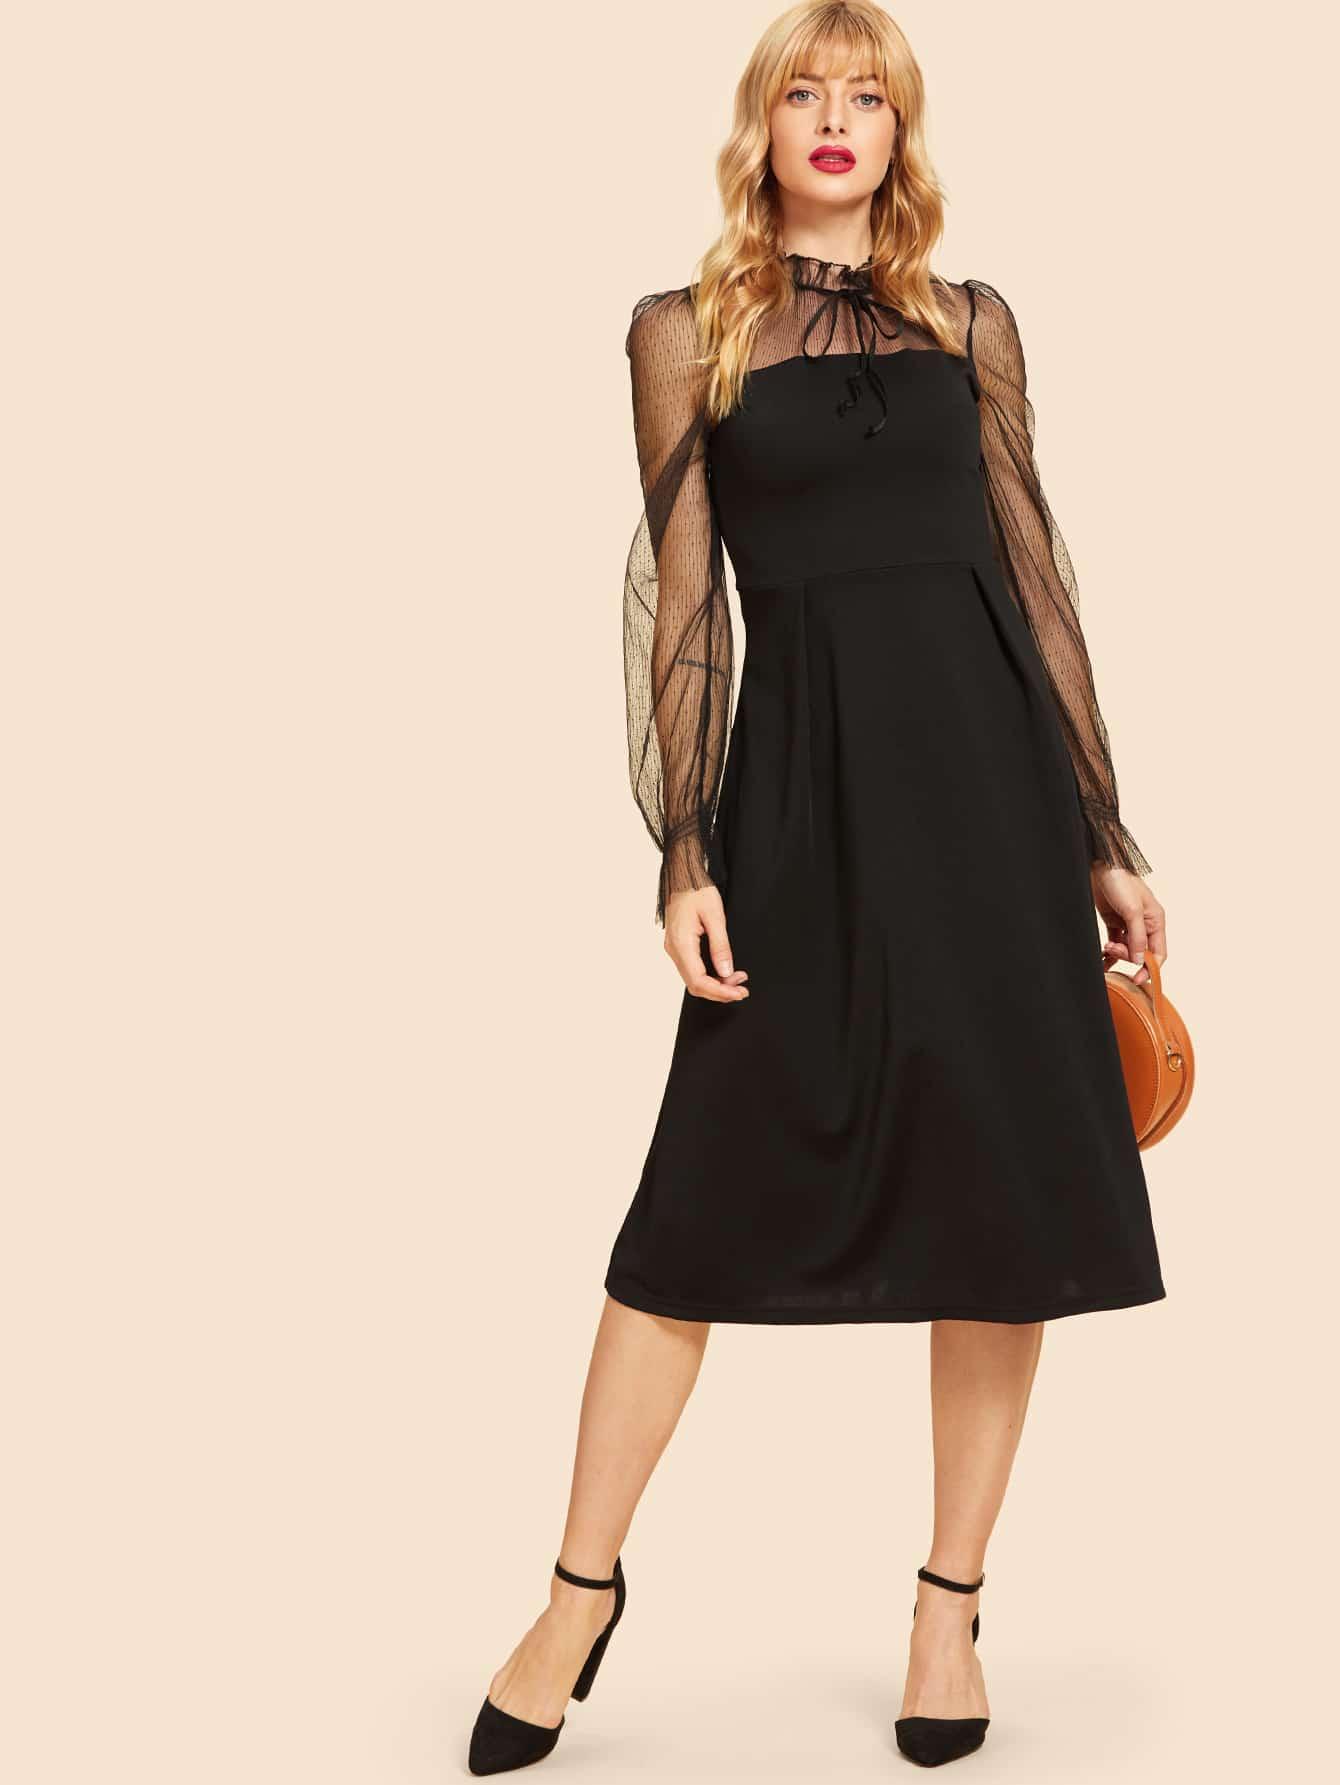 Купить Симметрическое сетчатое платье с кружевными оборками, Masha, SheIn